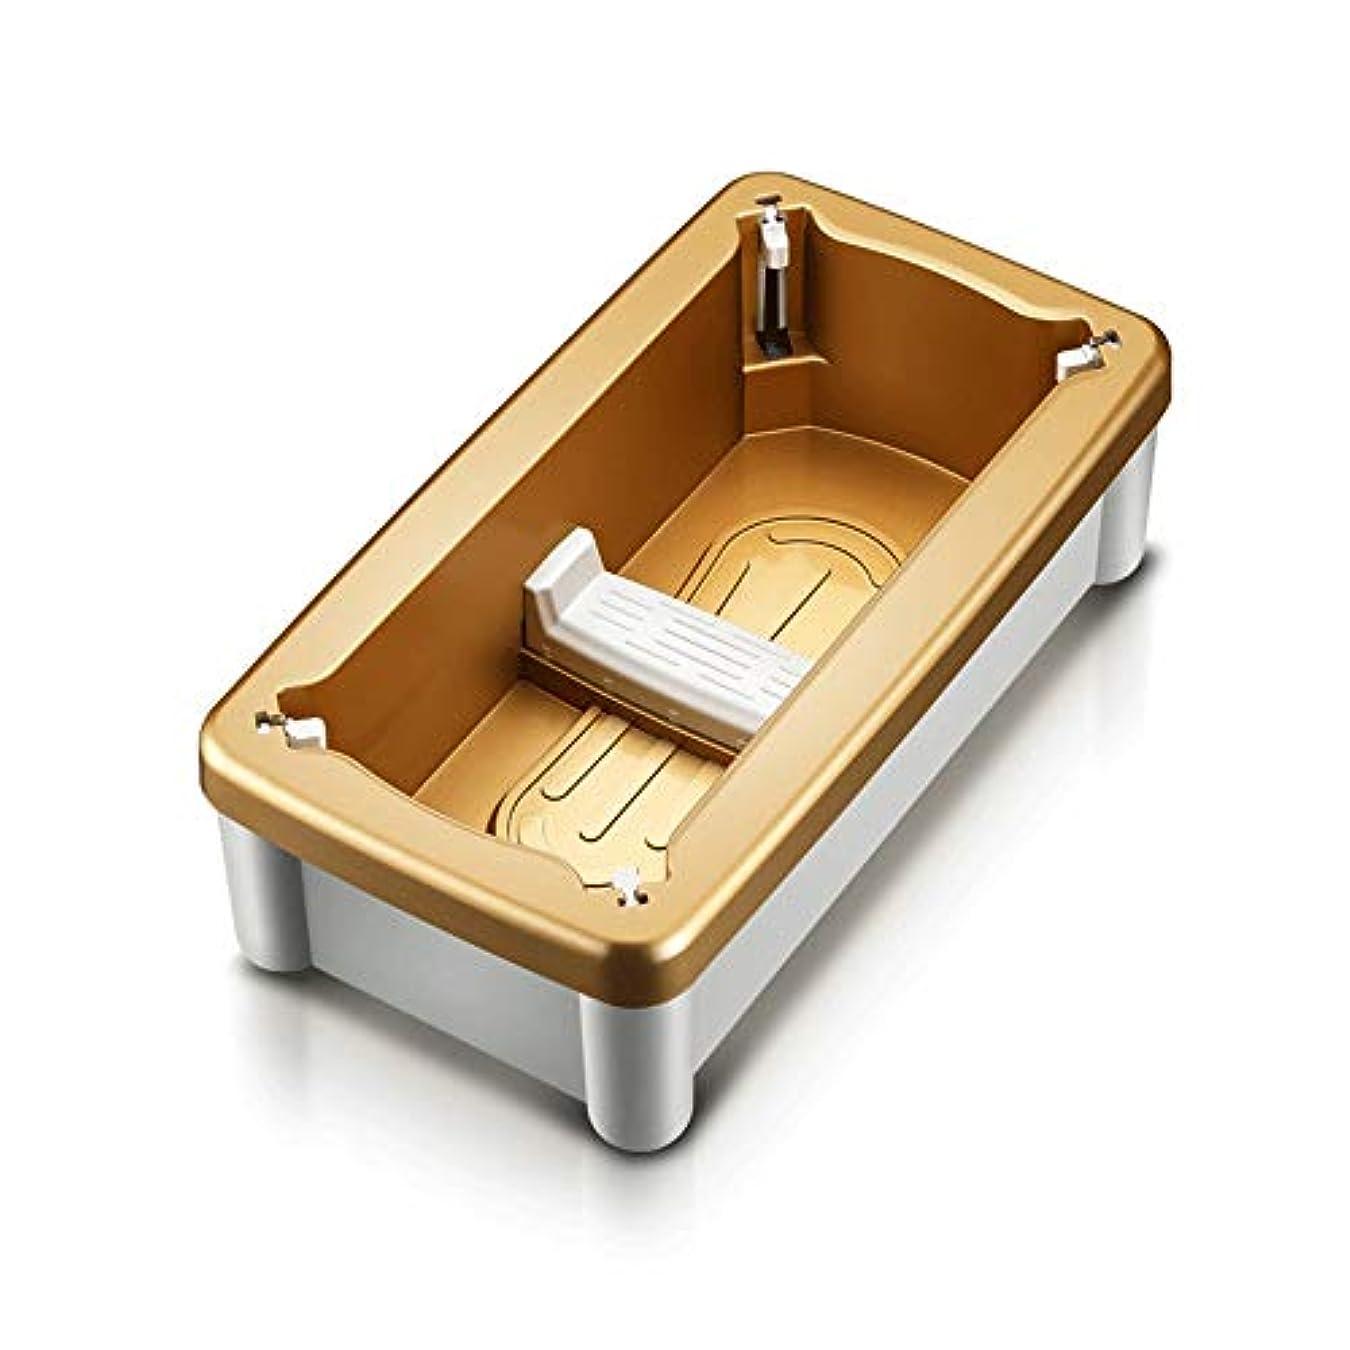 全体にご予約倍率靴カバーマシンホーム自動使い捨て靴マシンオフィス足型機スマートフットカバー変更靴カオスを避けるために (Color : Gold)